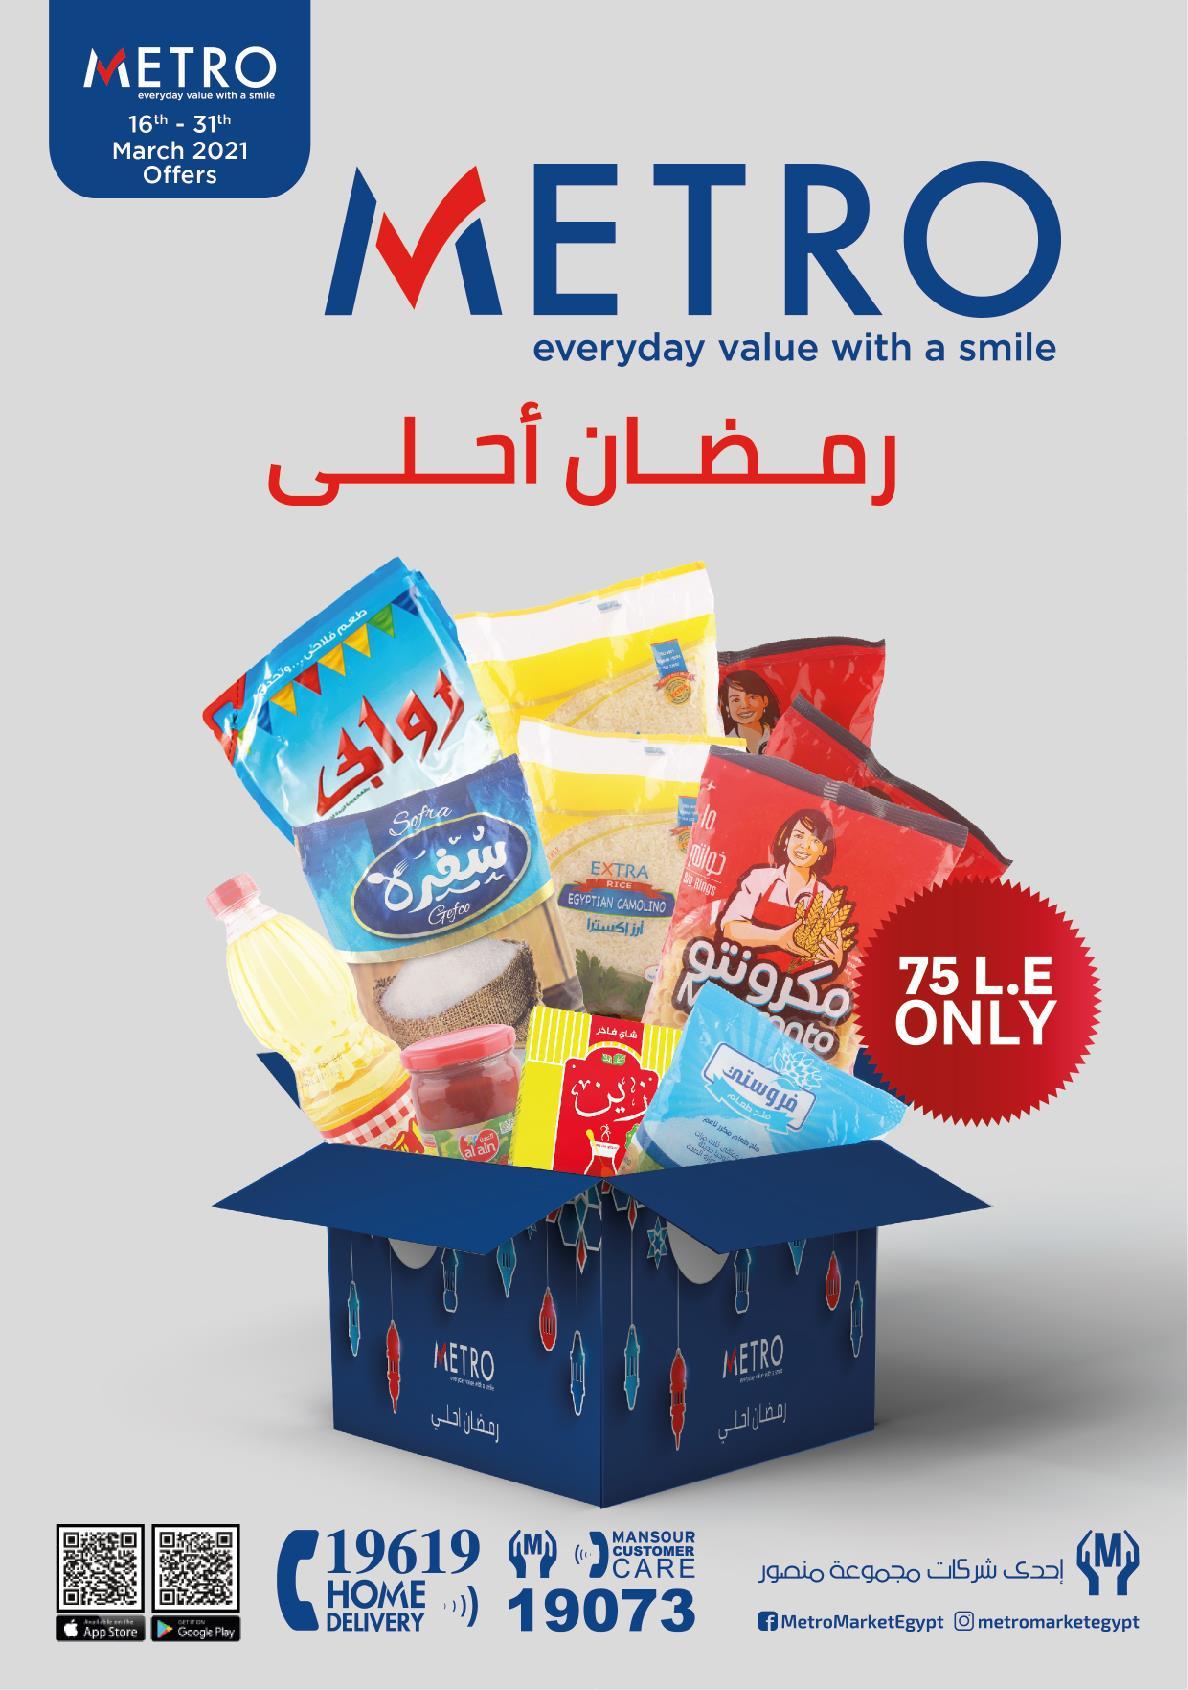 عروض مترو ماركت من16 مارس حتى 31 مارس 2021 رمضان احلى